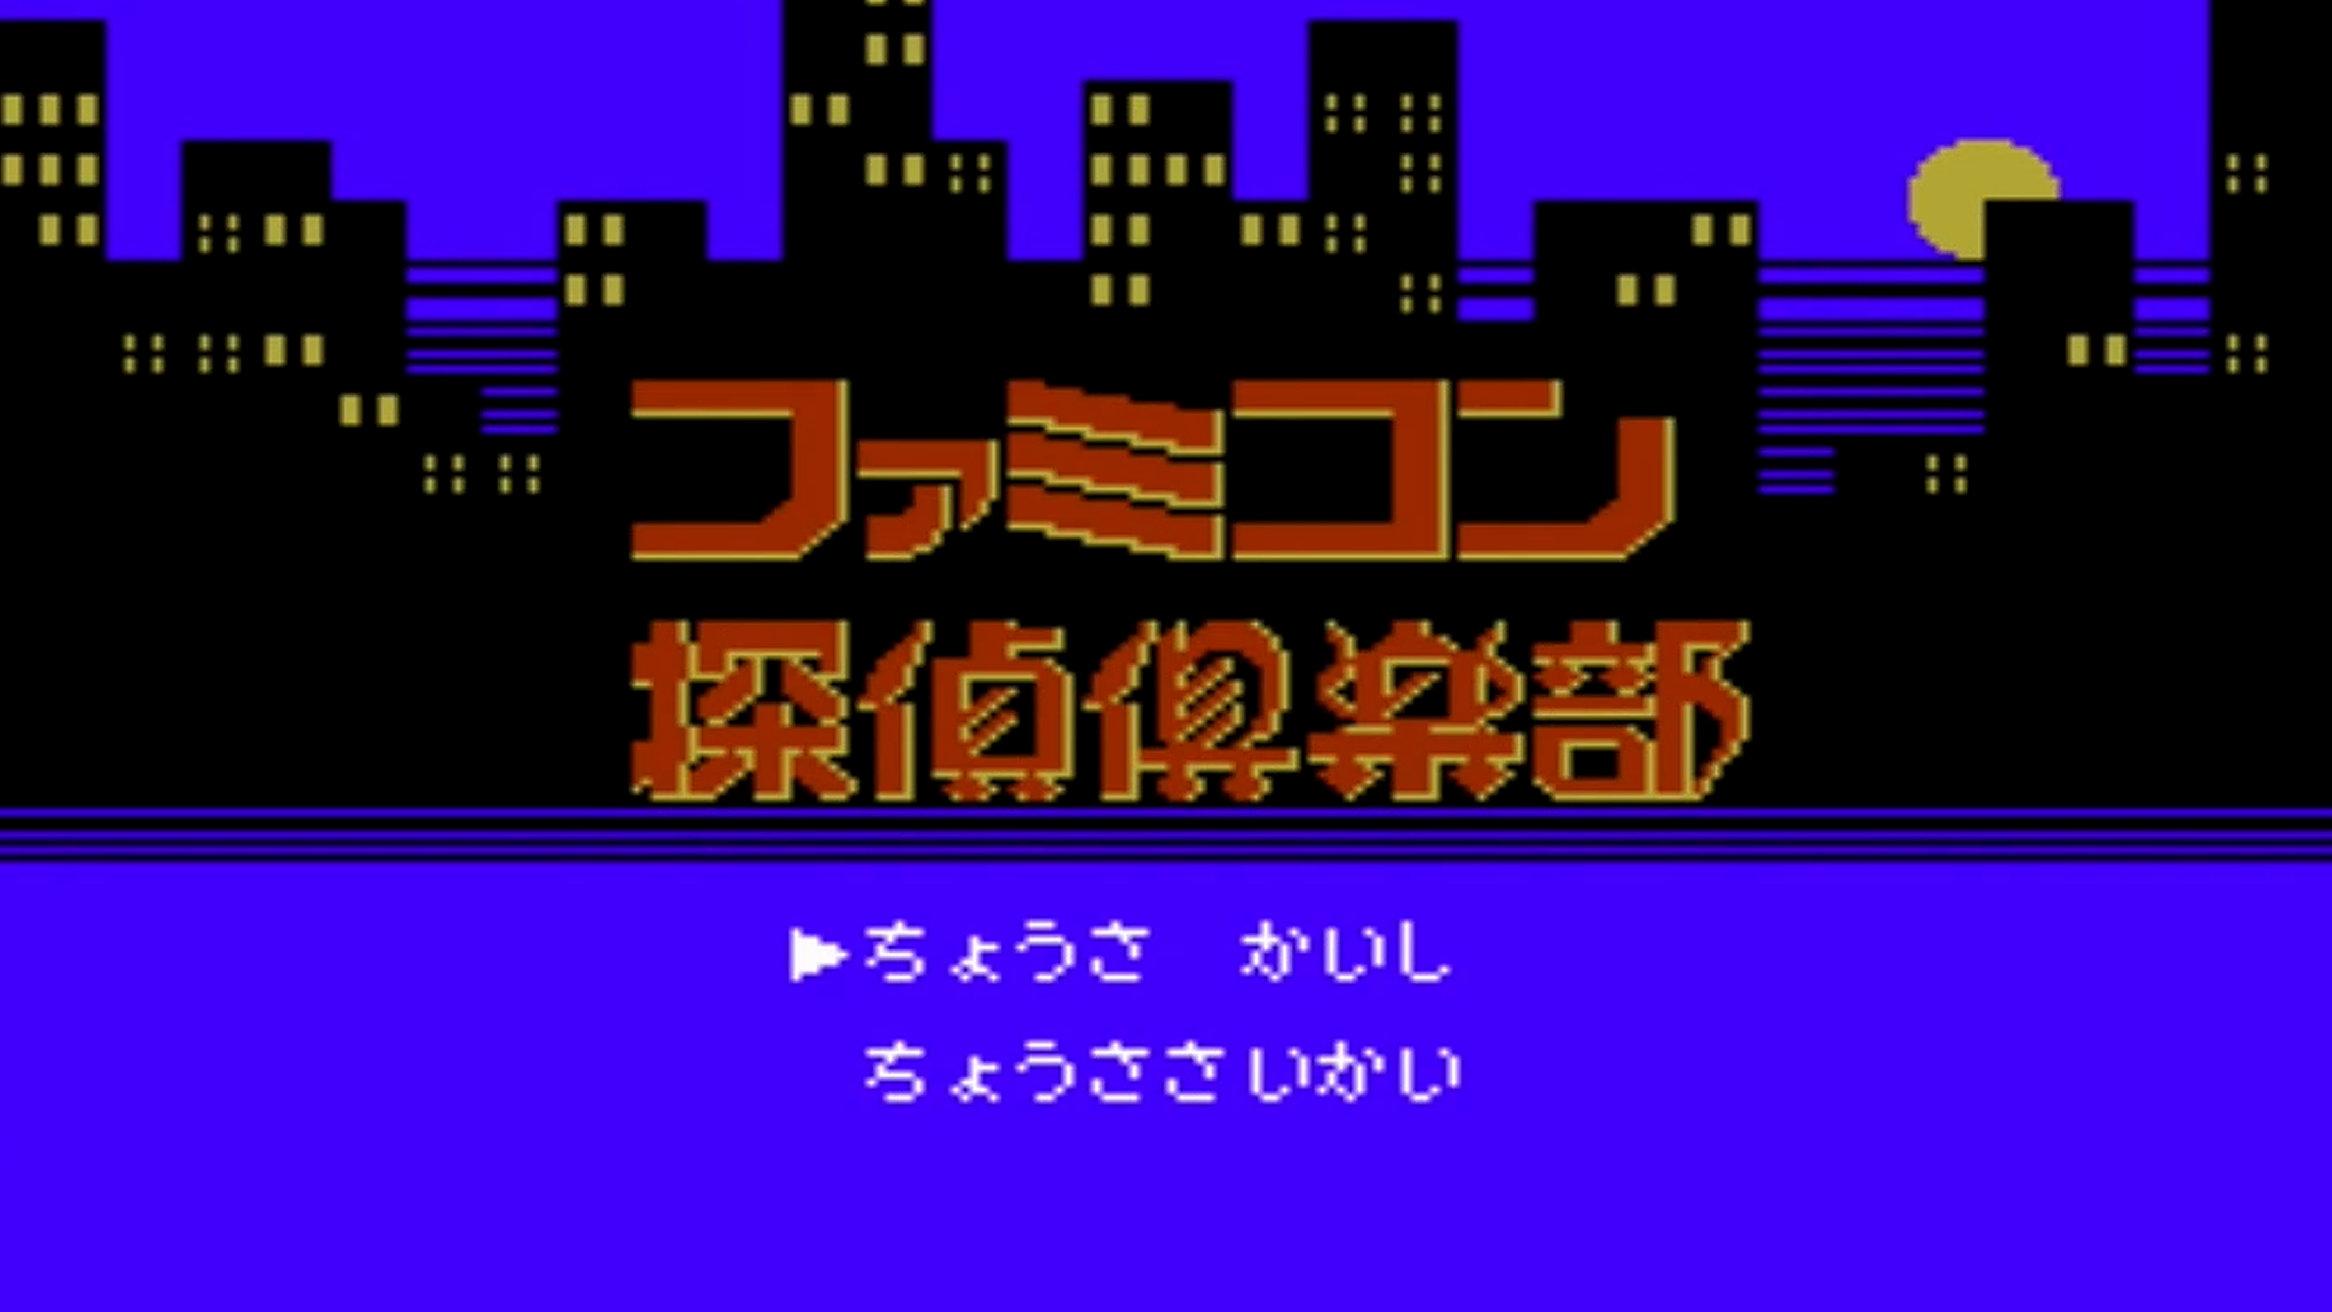 ファミコン探偵倶楽部、スイッチ版の発売時期が延期